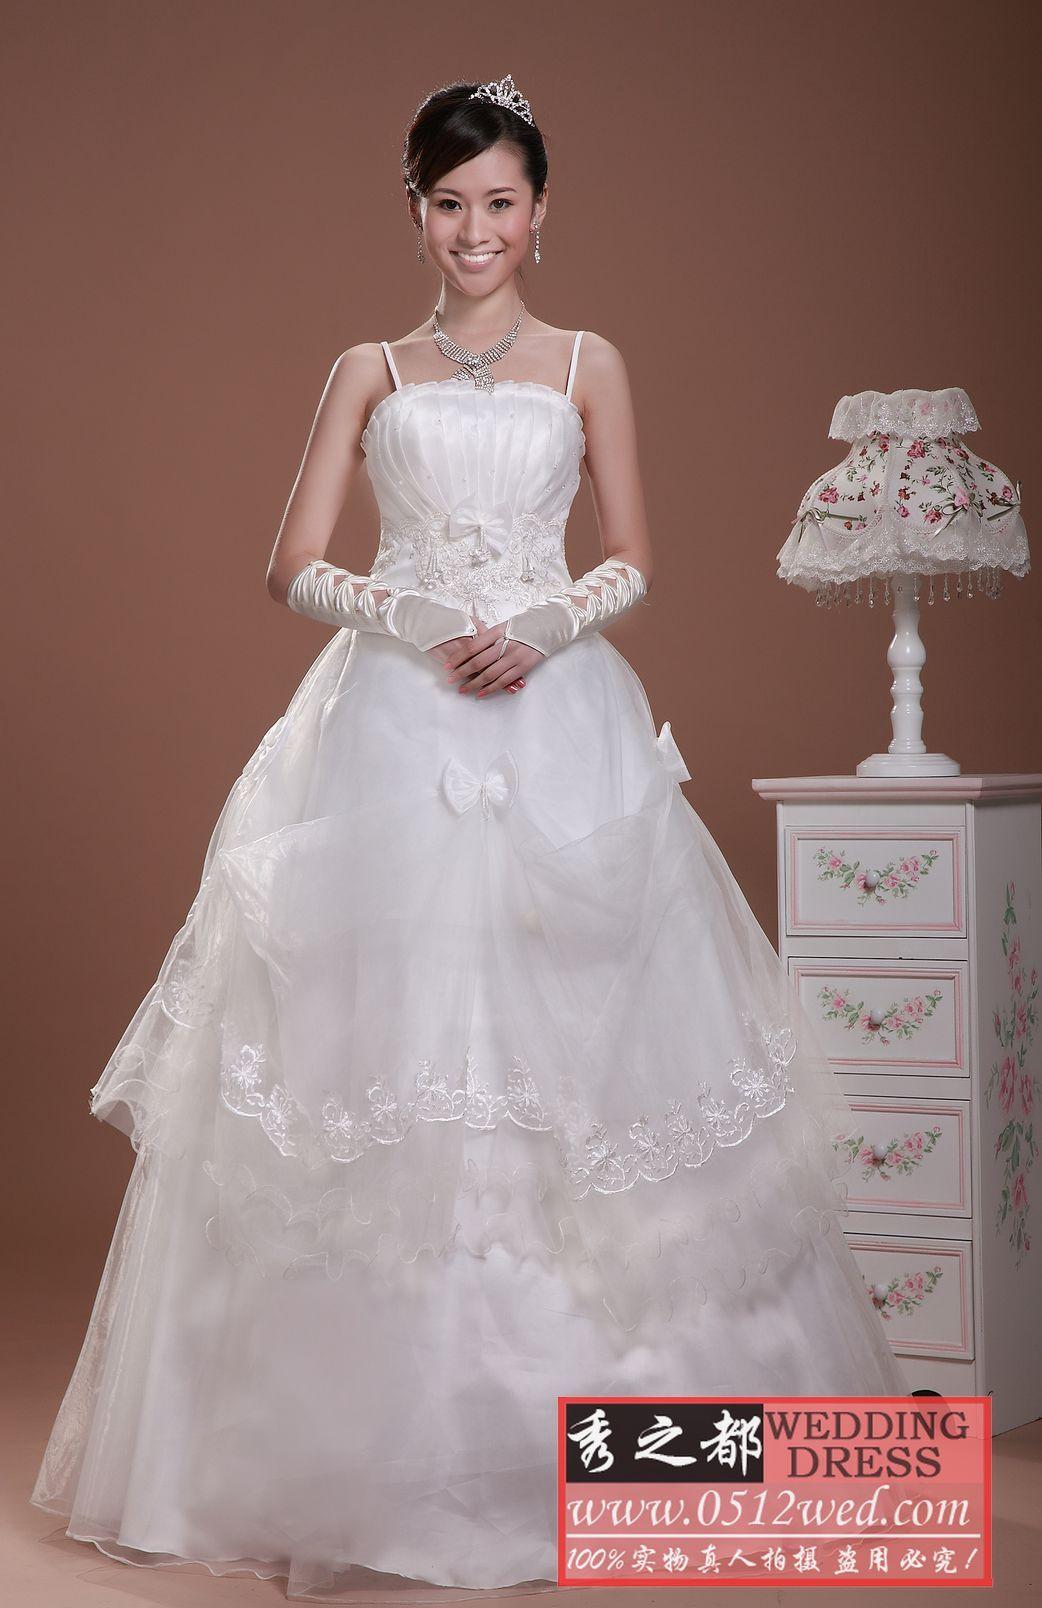 冲钻超低价 热卖新款 超漂亮 吊带 婚纱 x07款 包退换